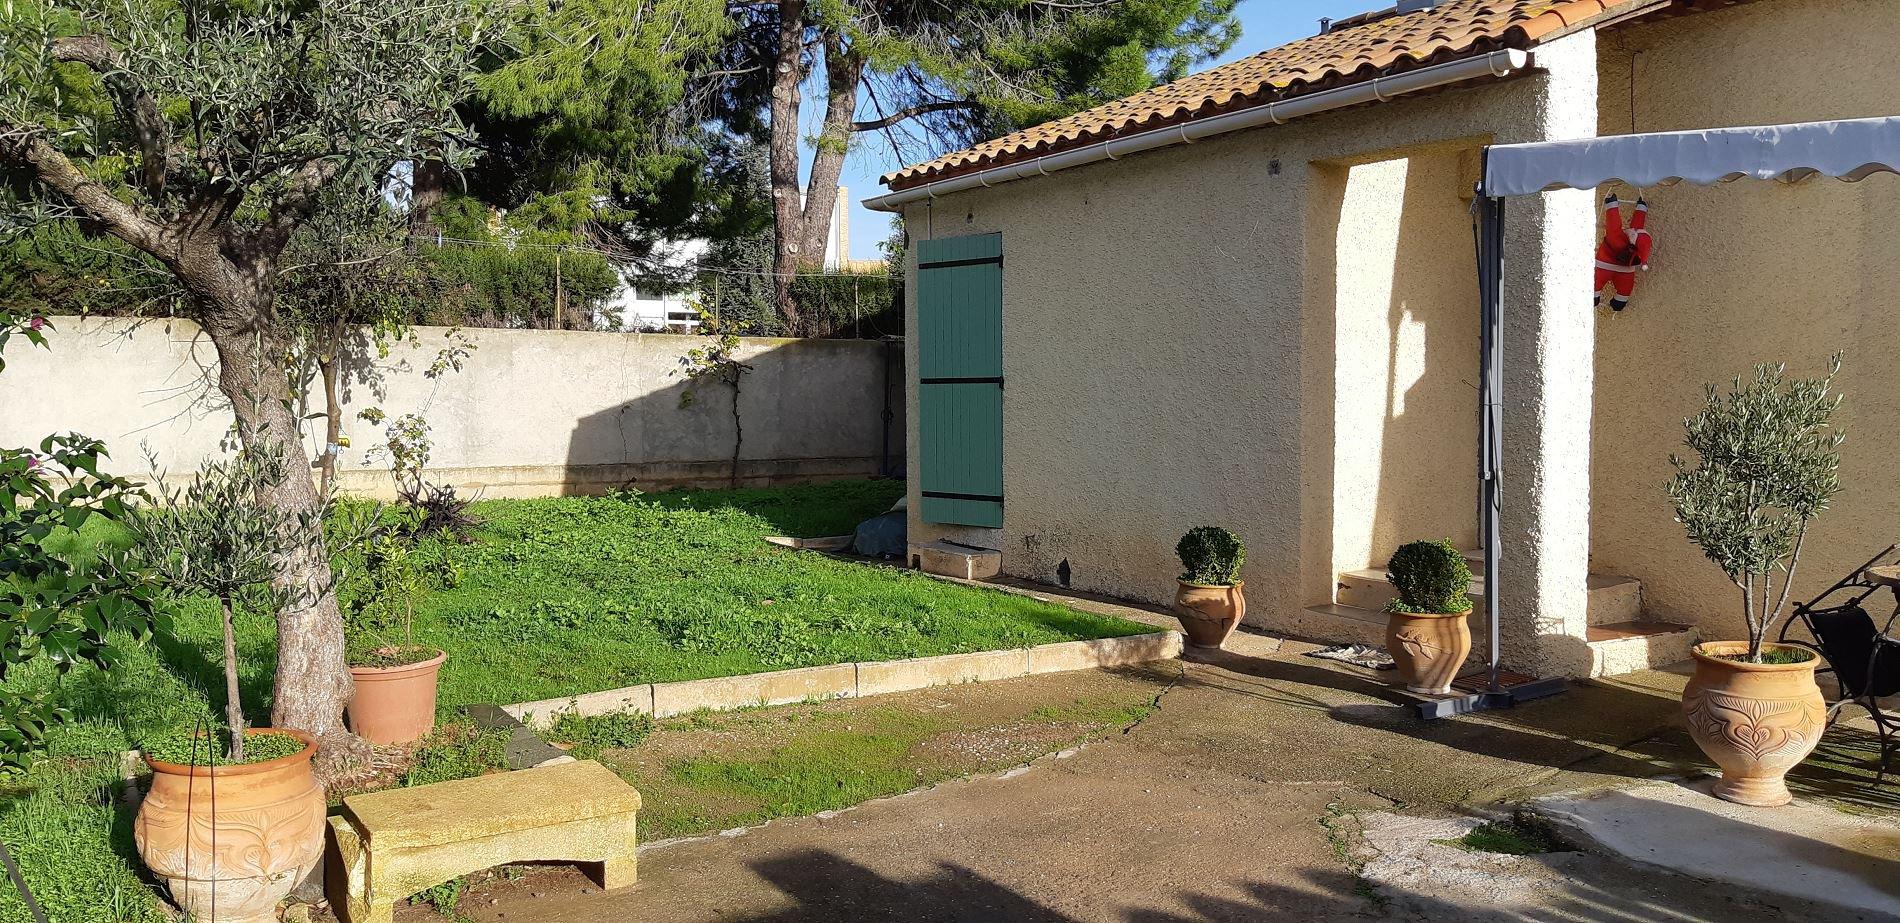 En-plans villa med trädgård